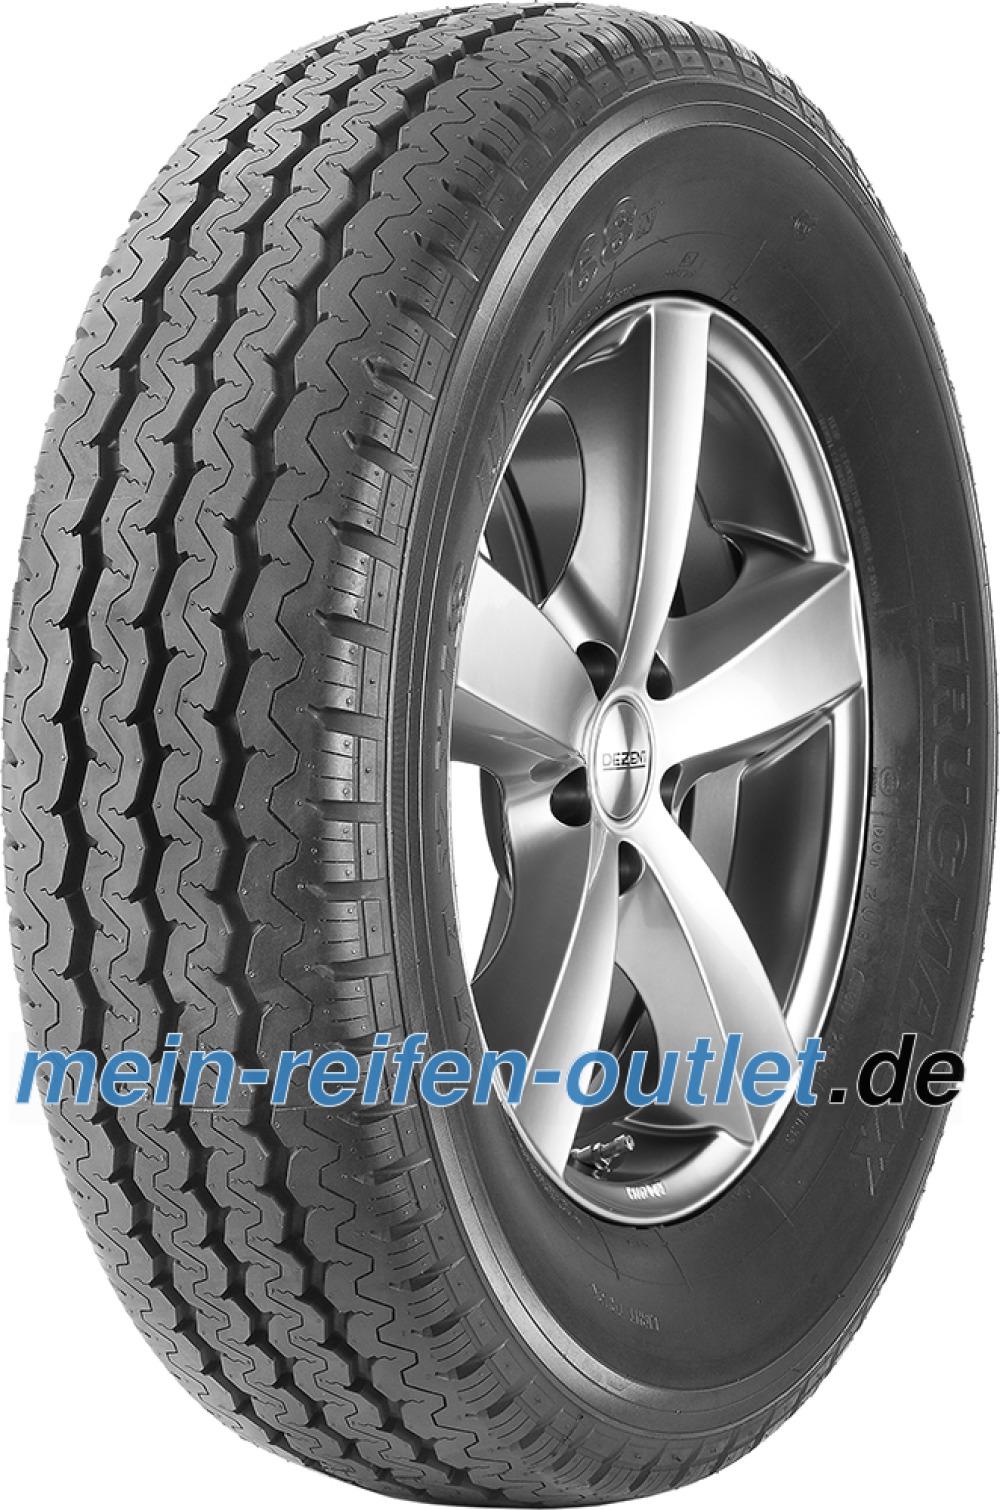 Maxxis UE 168 Trucmaxx ( 205/70 R15C 106/104R )